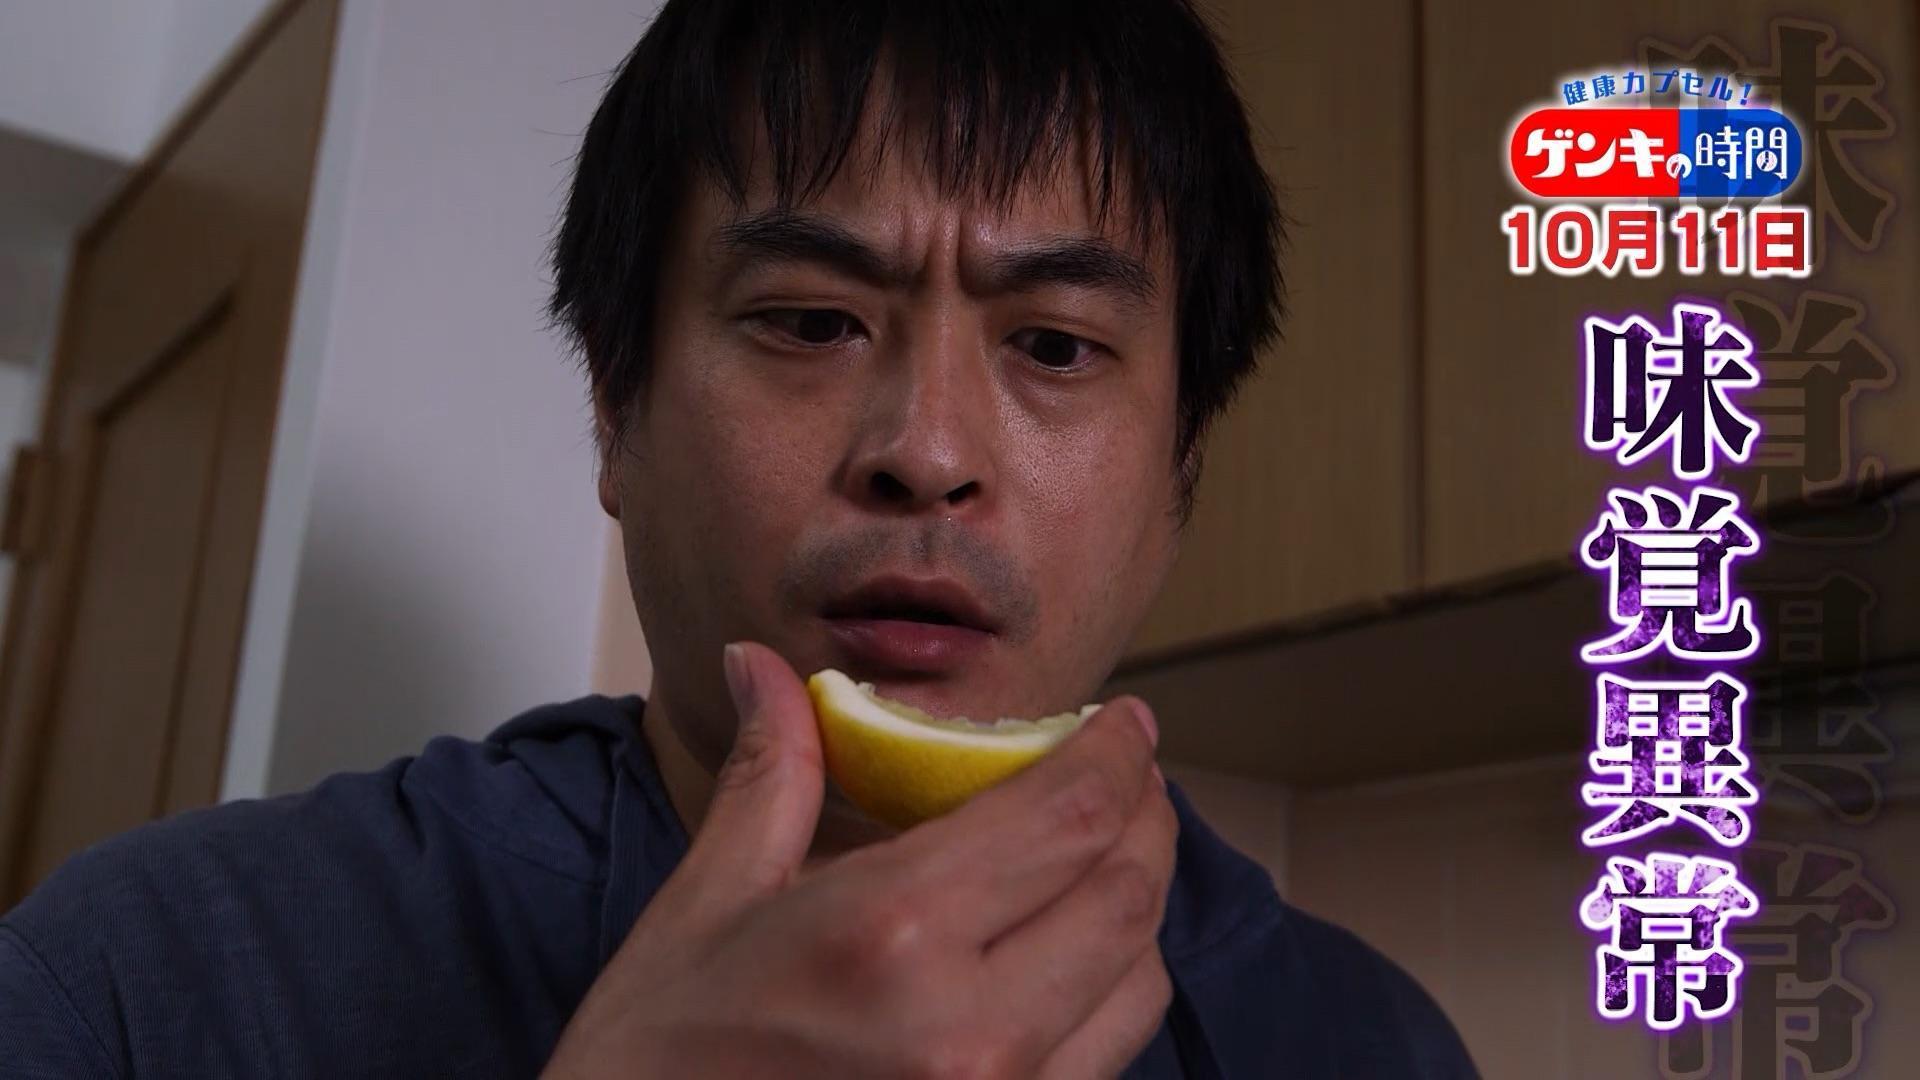 原因 障害 コロナ 味覚